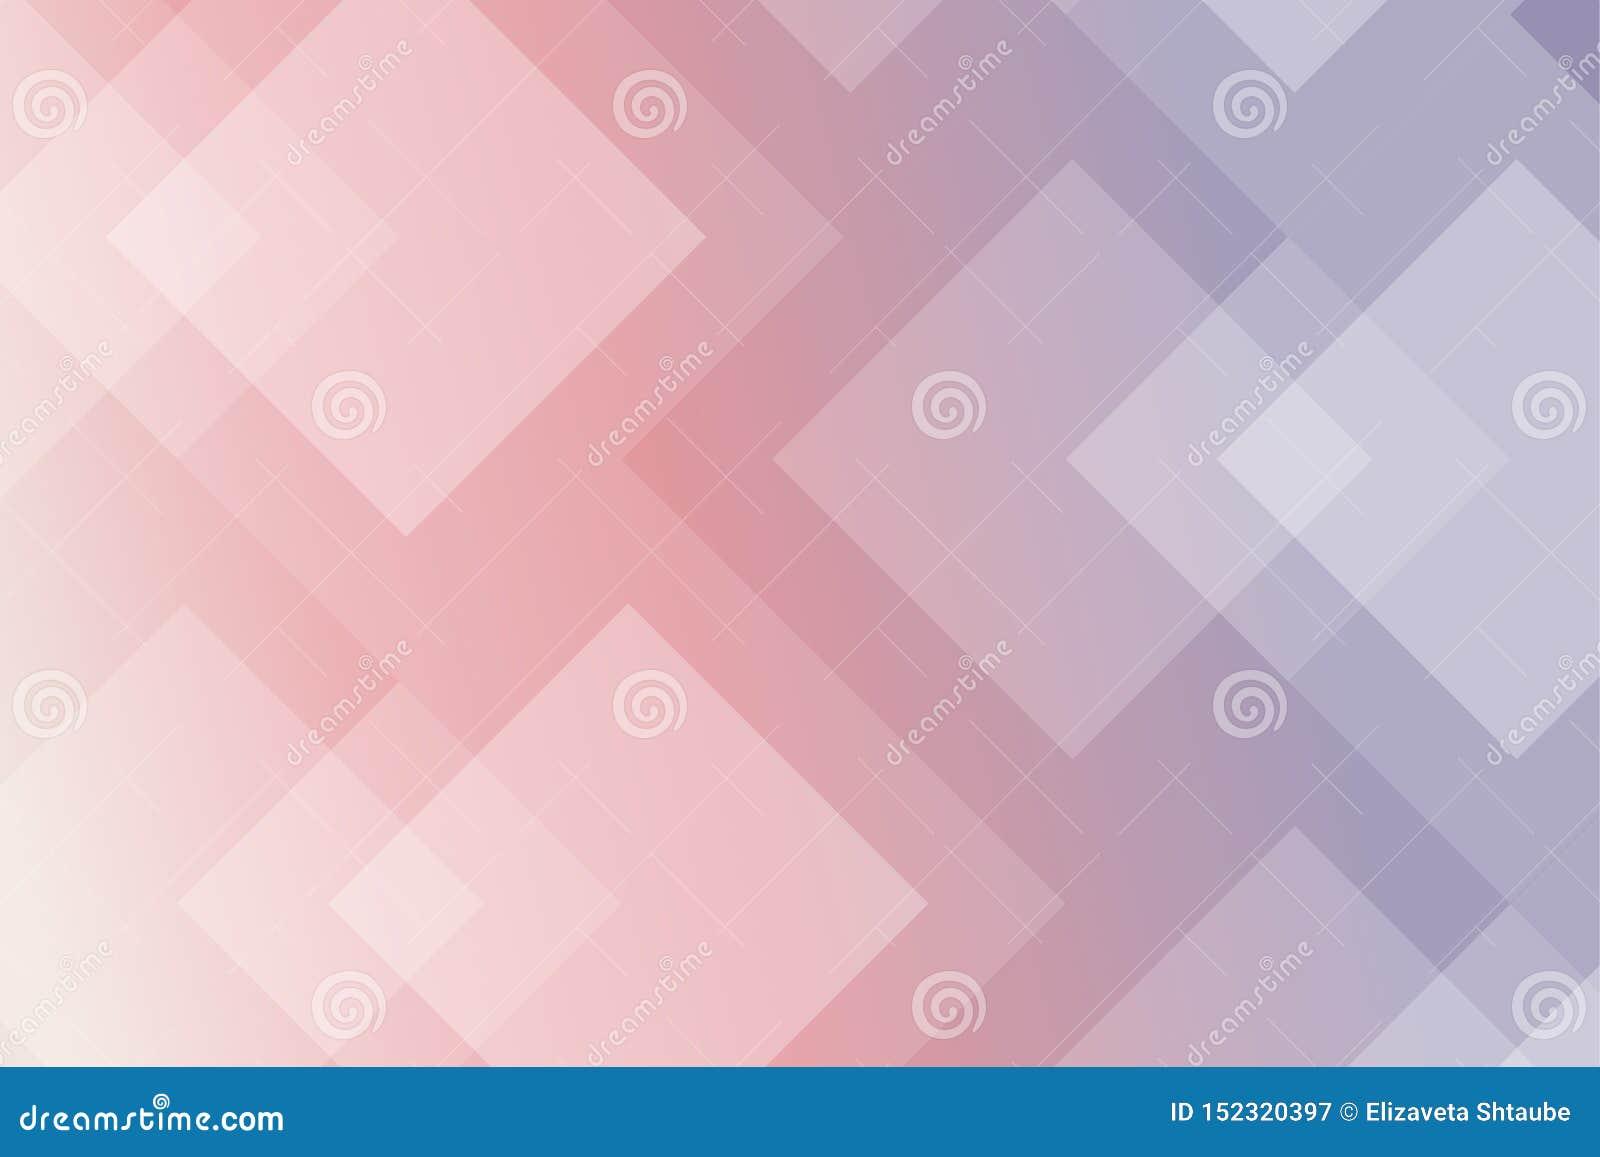 Rhombus gradientu tło abstrakcyjny geometryczny wz?r